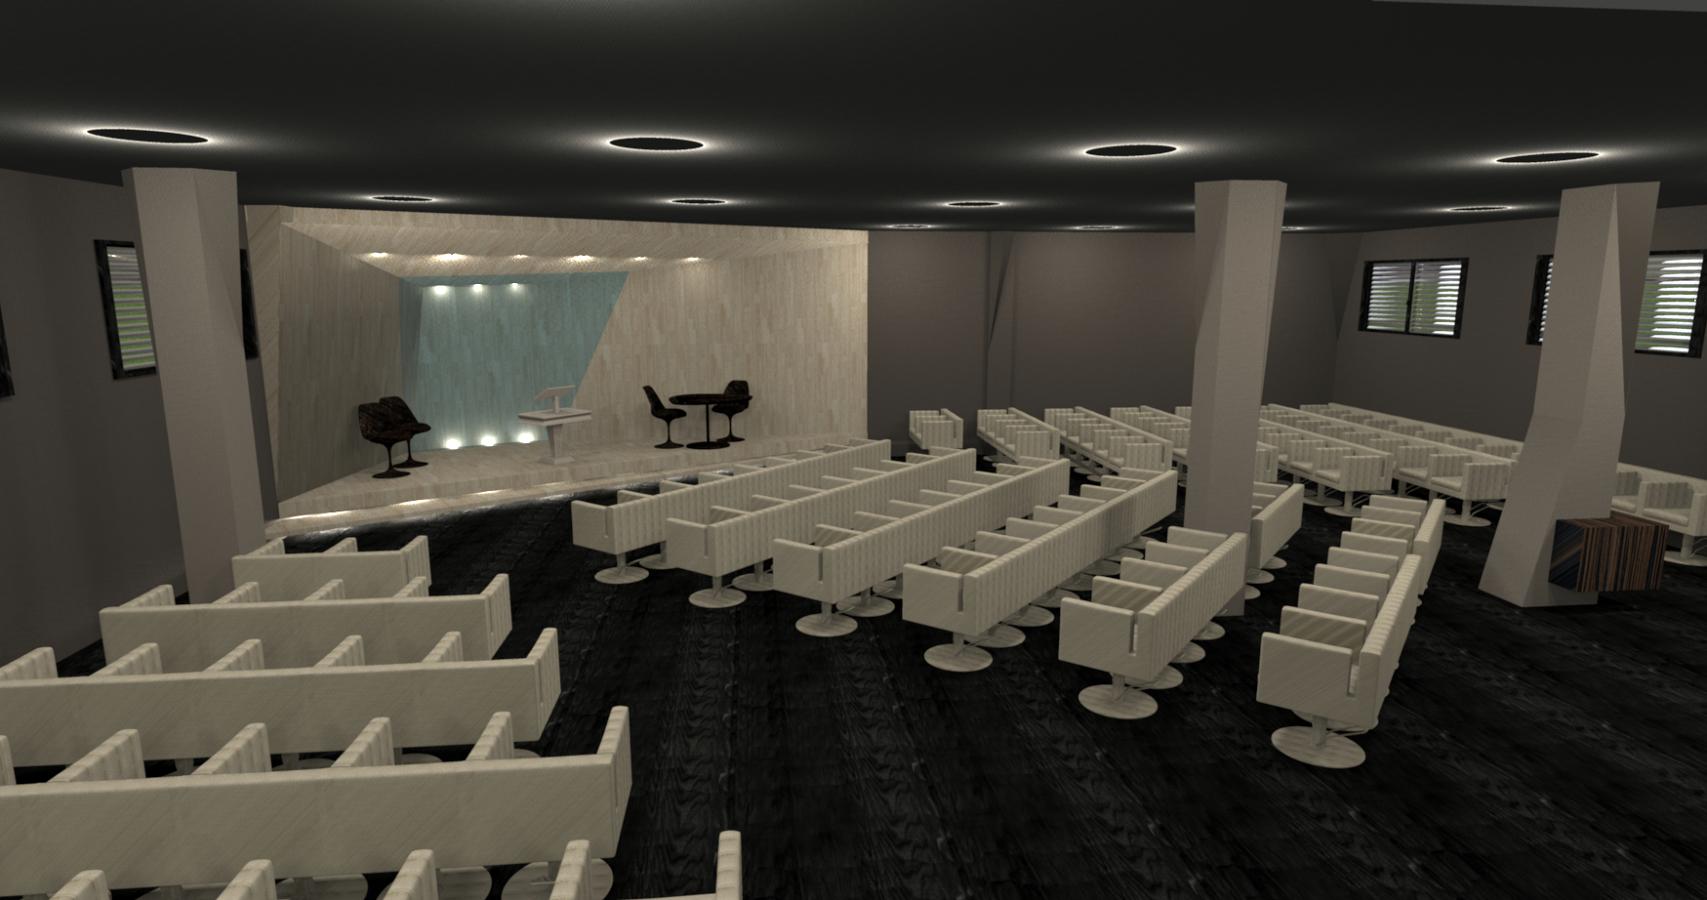 Proyecto para un pequeño auditorio en Vigo (Pontevedra).